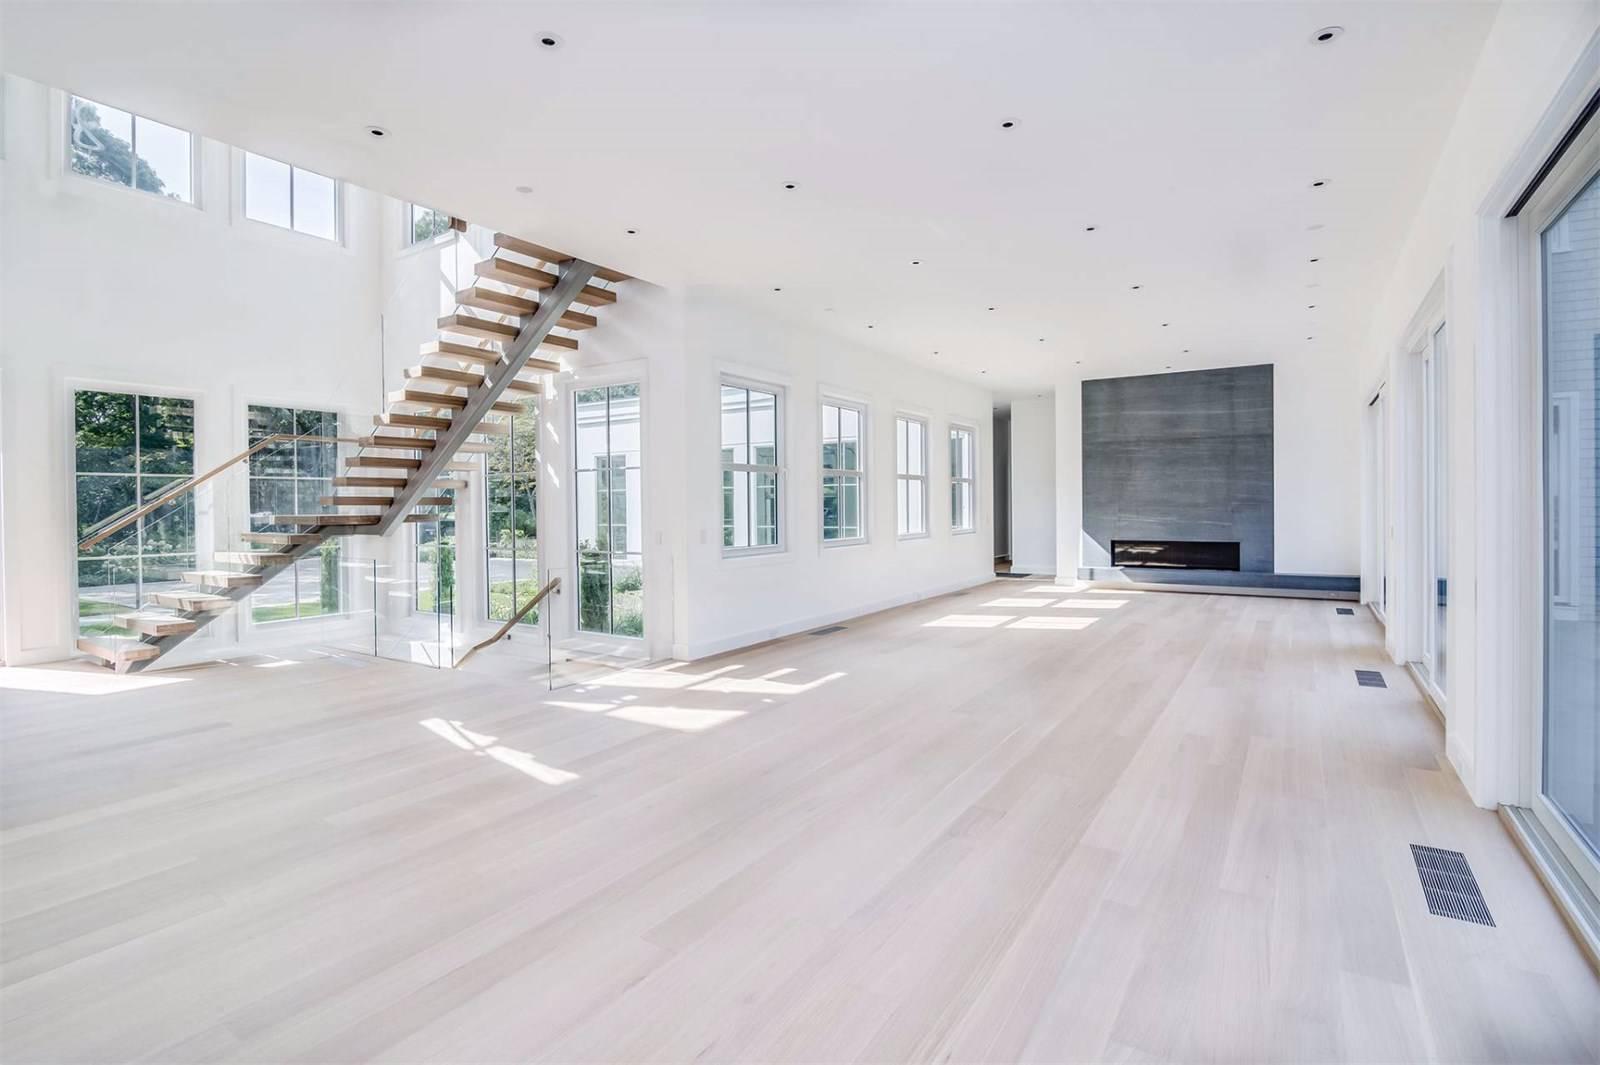 Элитный ремонт квартир и коттеджей под ключ